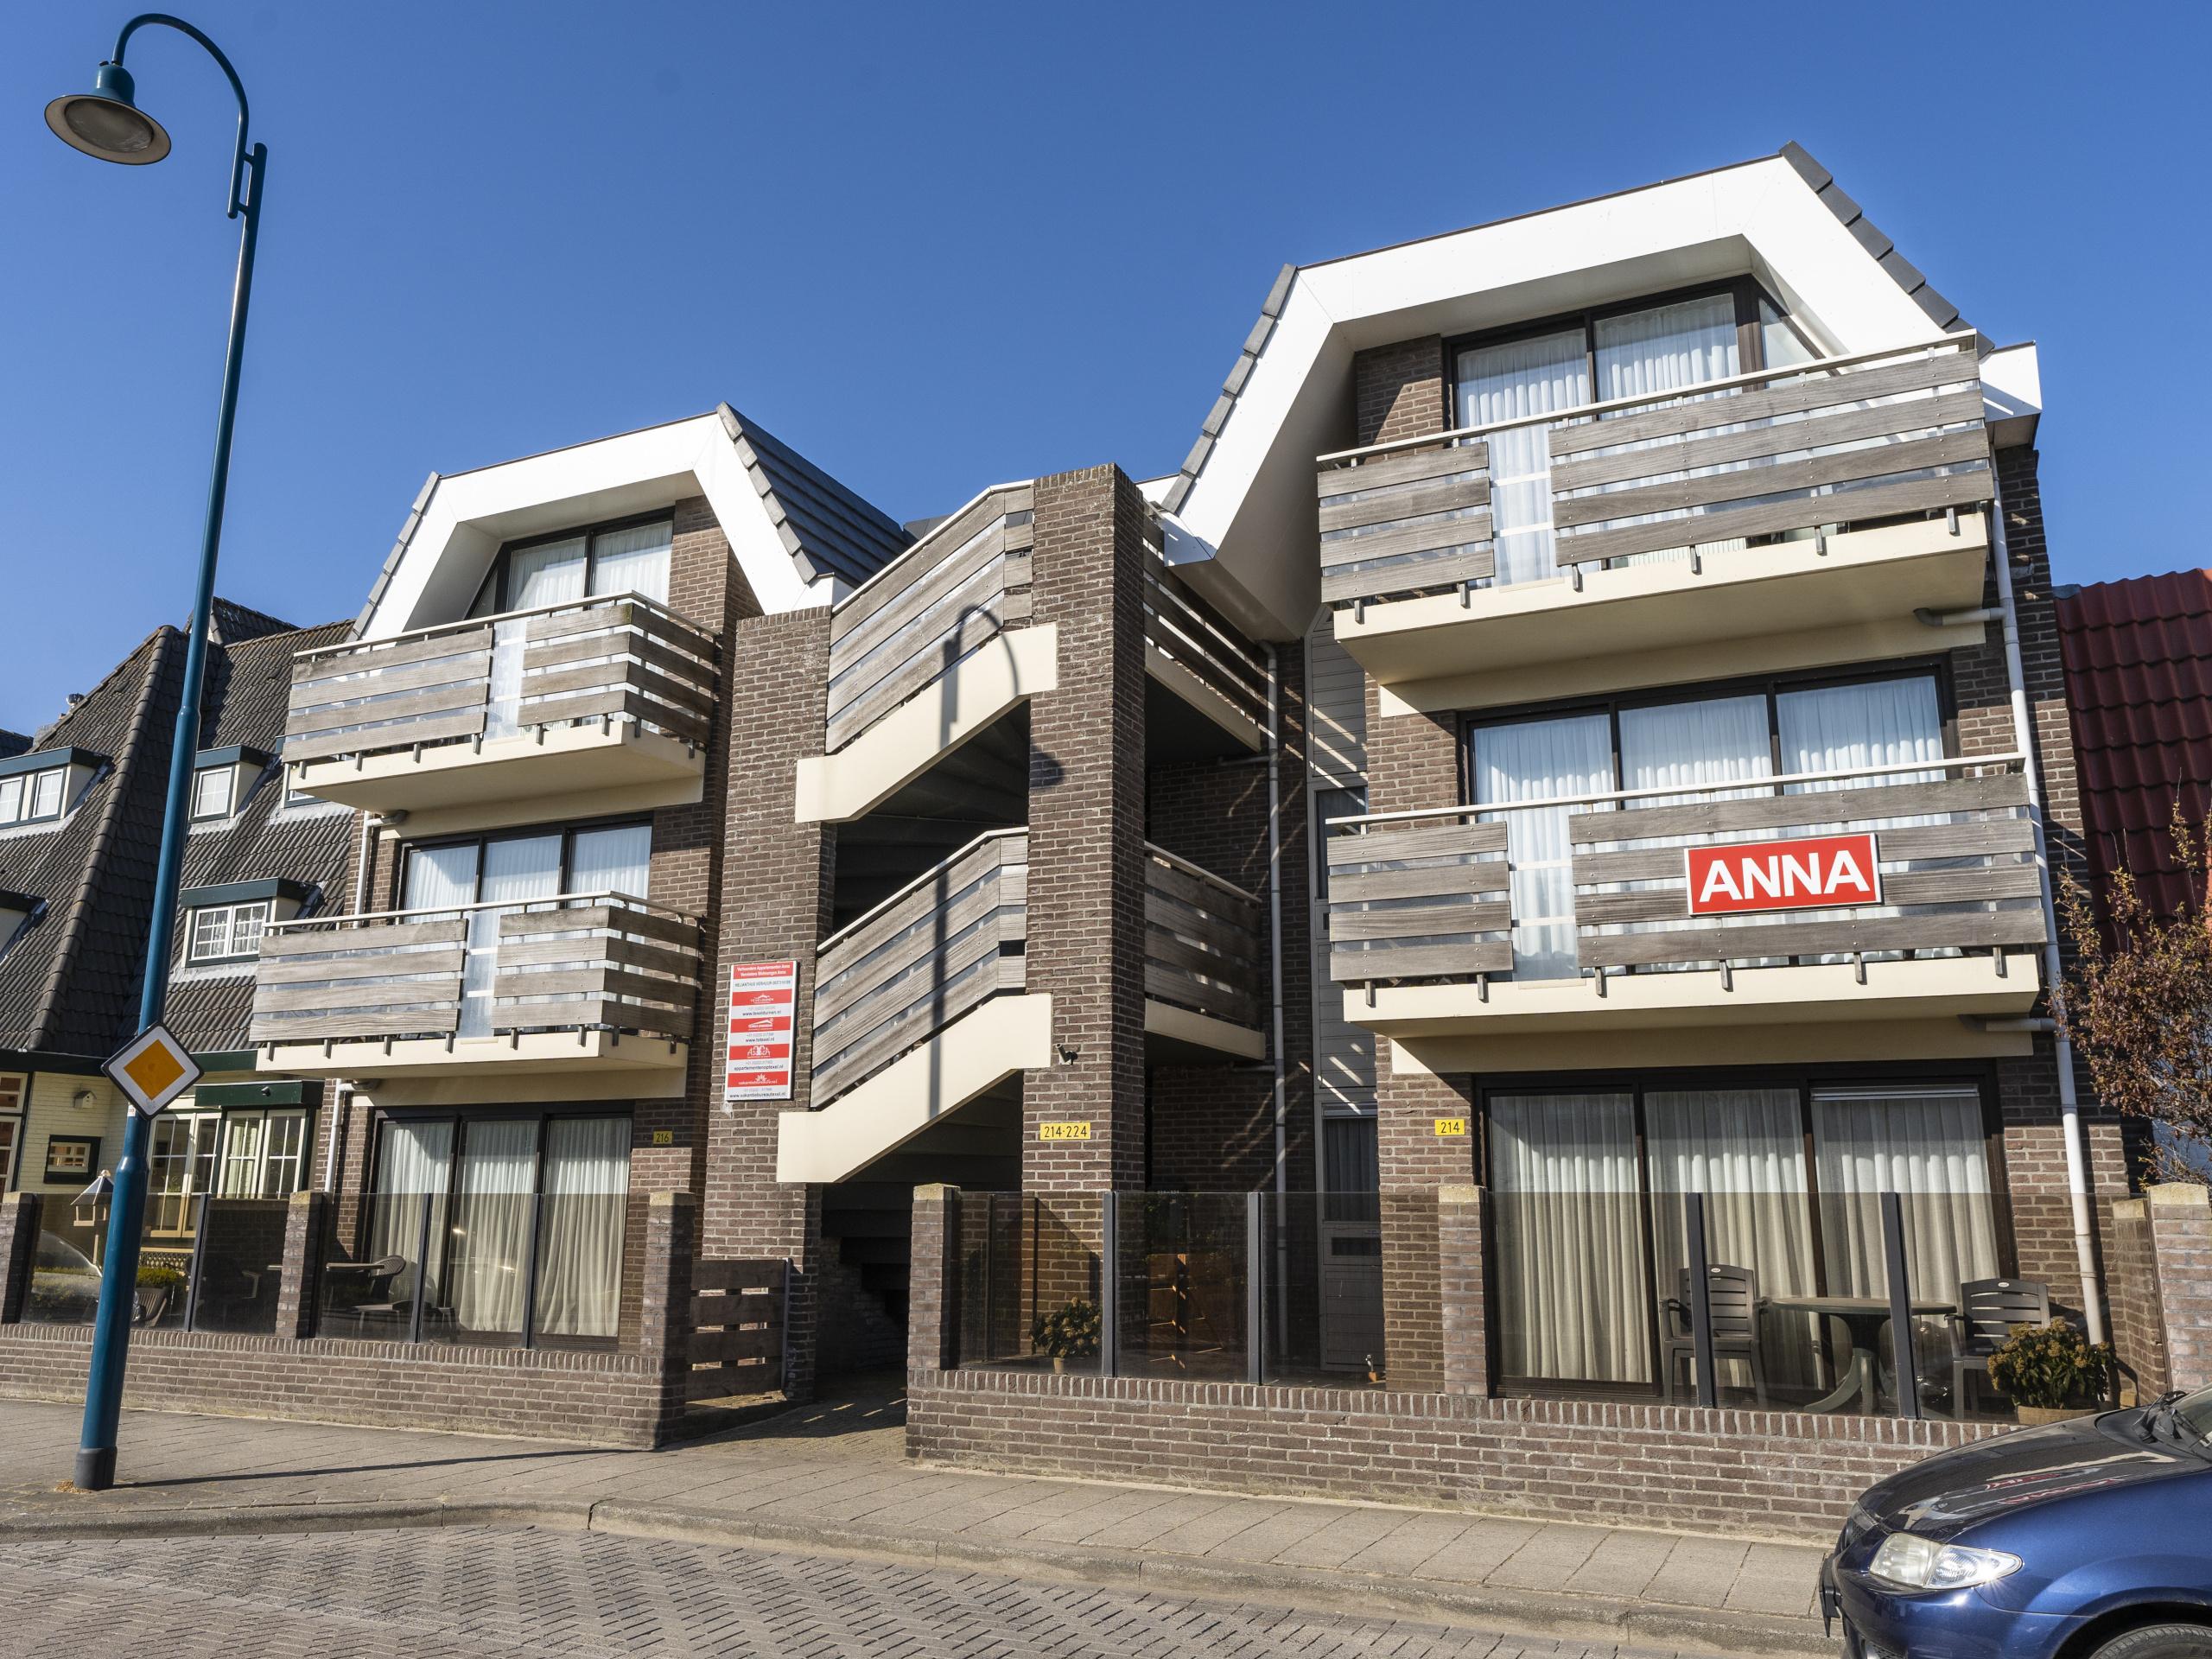 Onthaasten in stijlvol appartement vlakbij het strand in De Koog